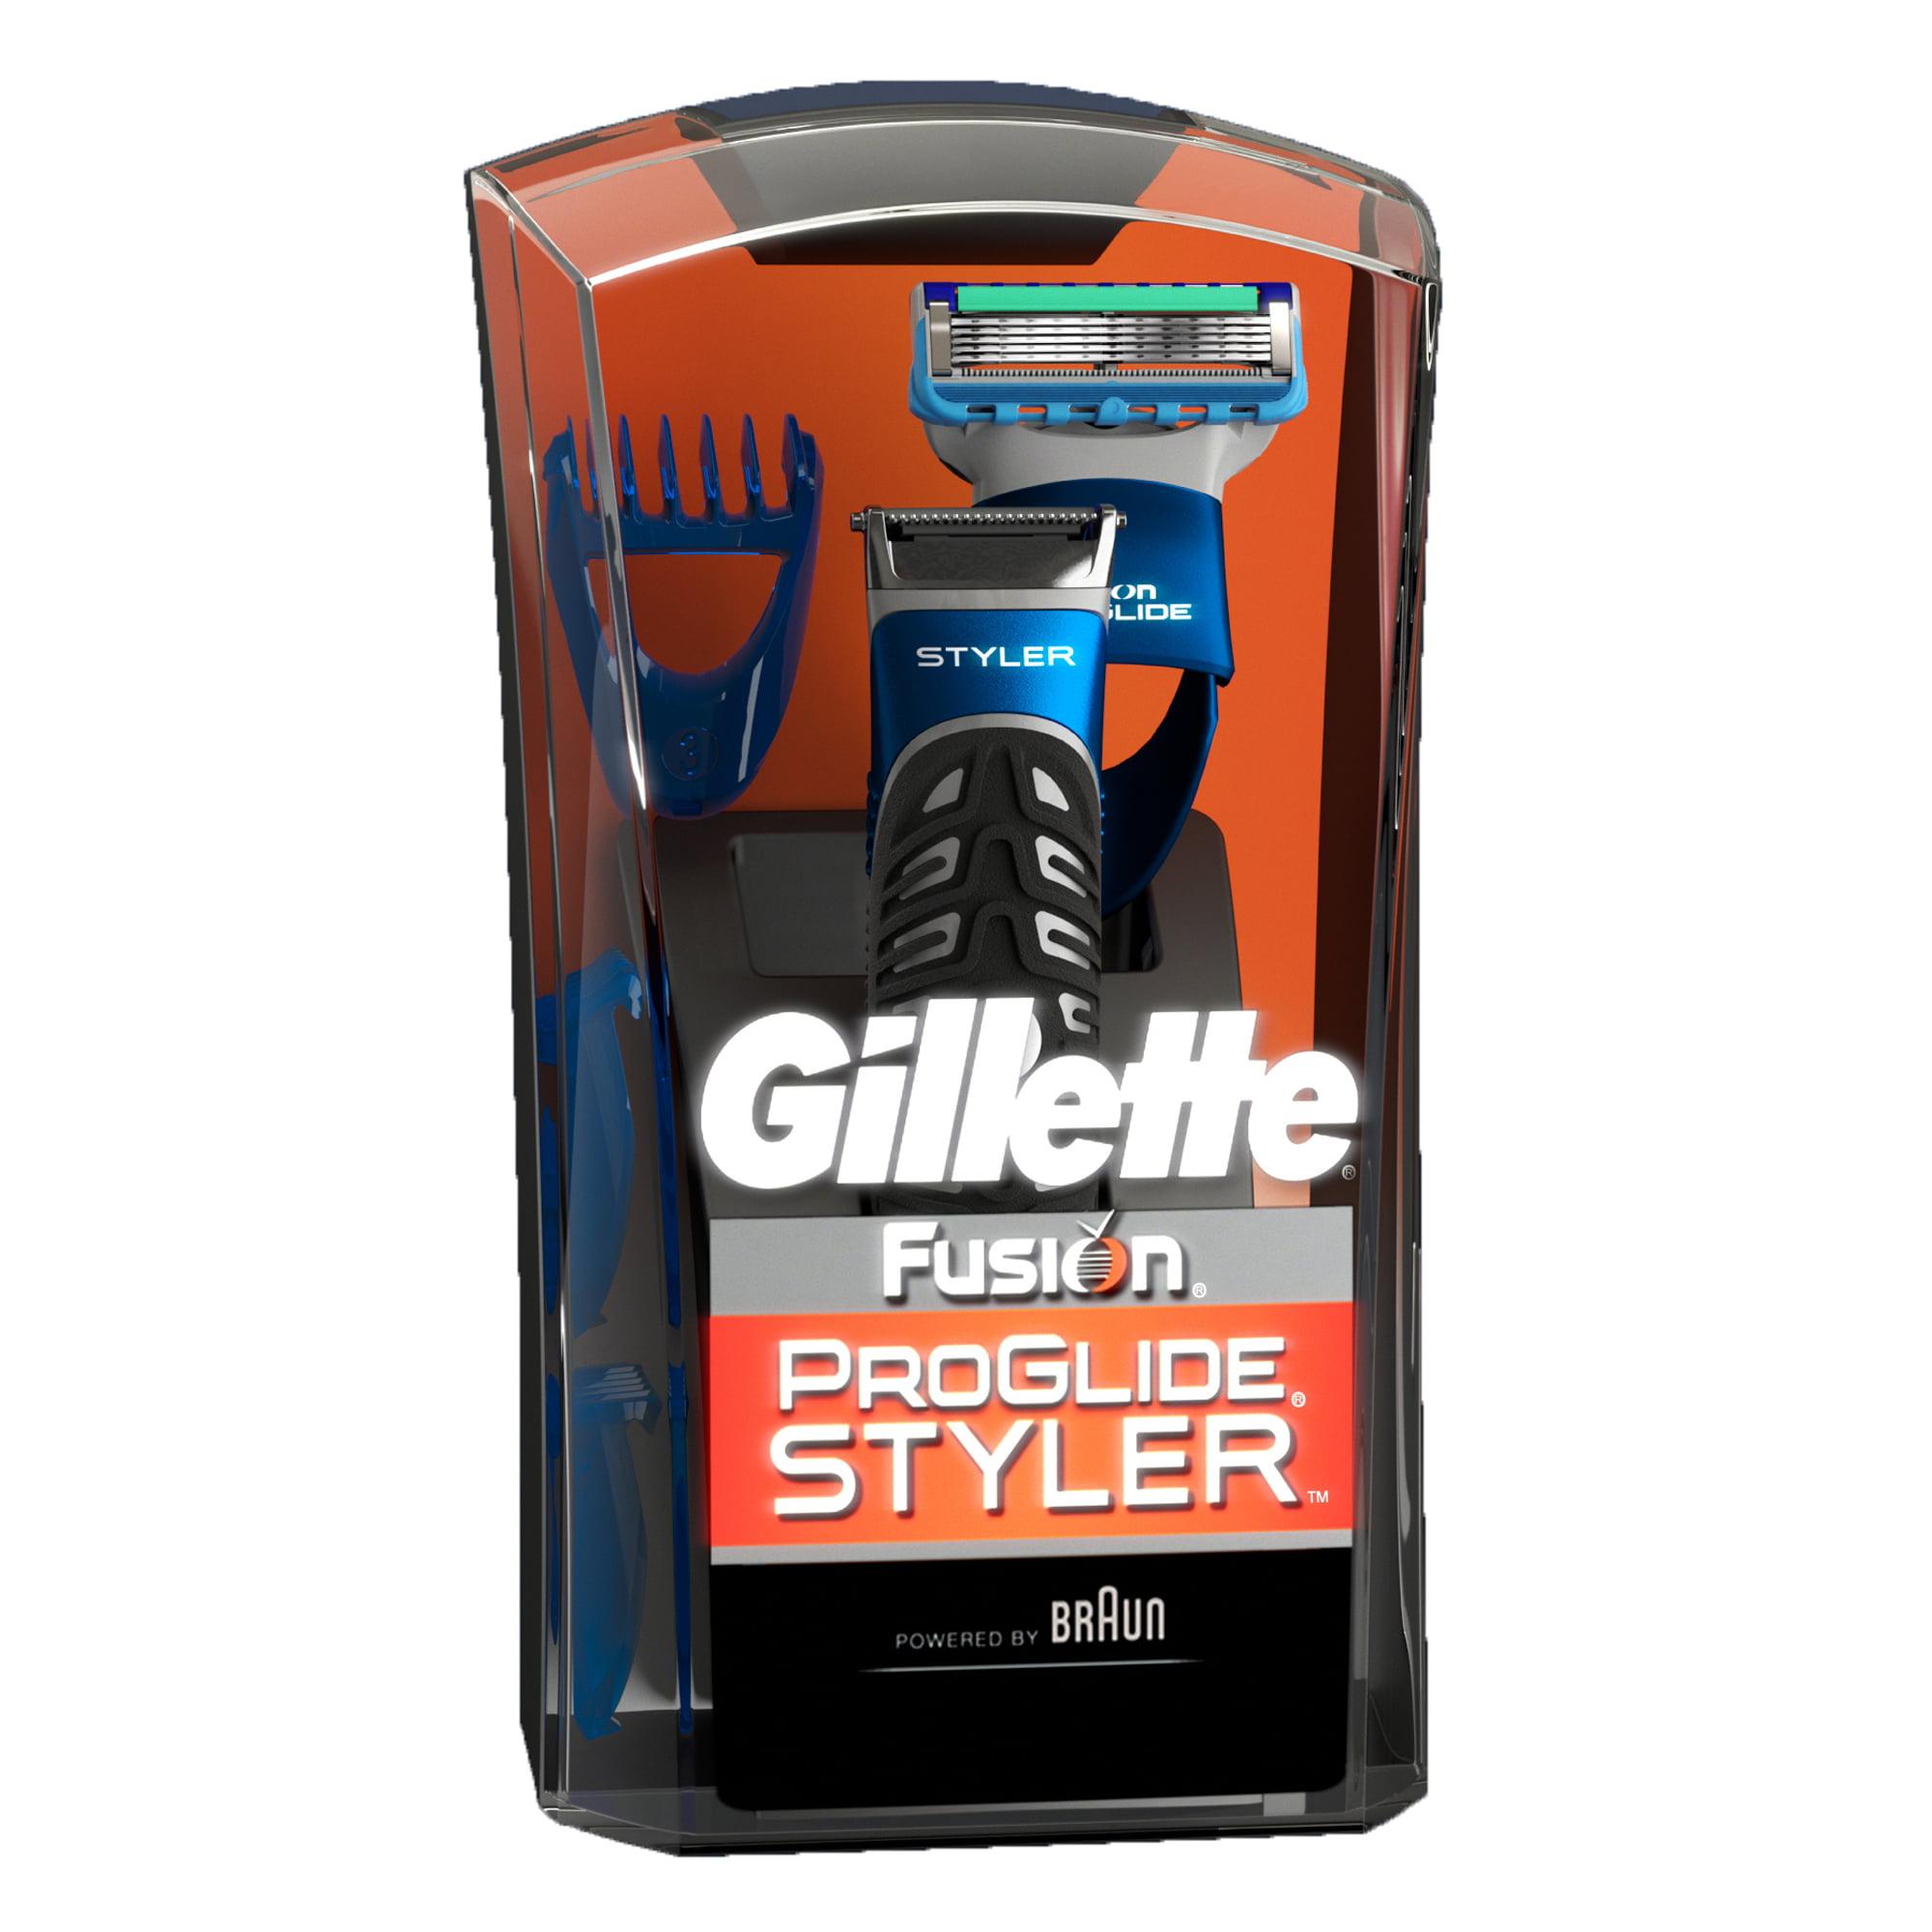 Gillette Fusion Proglide Styler 49a2cb023f27